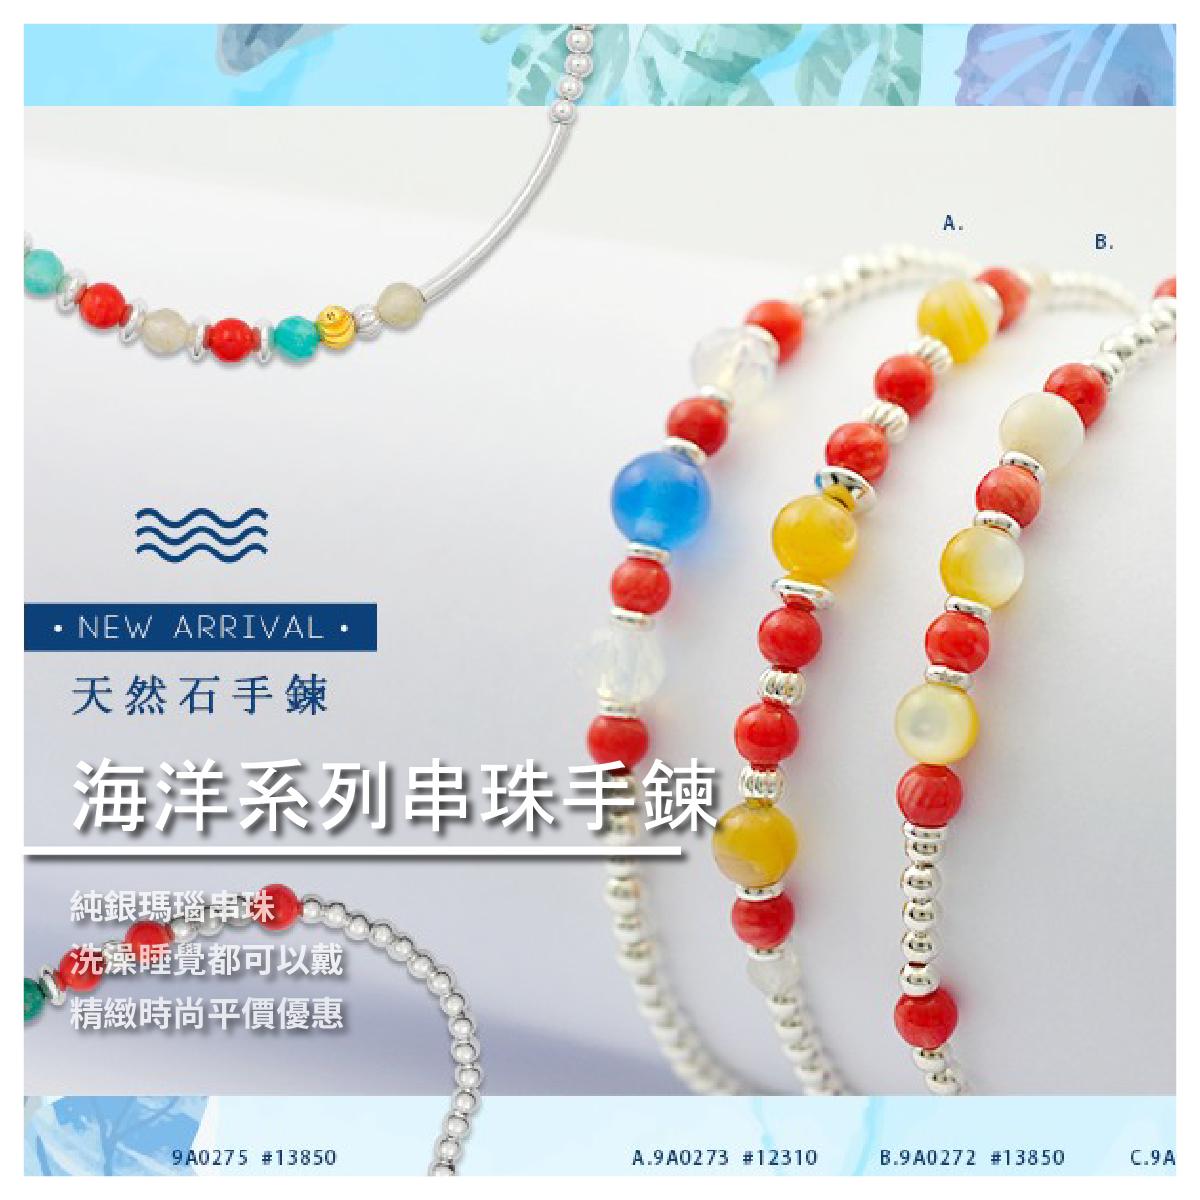 【漂亮飾品屋】海洋系列_時尚寶石串珠手鍊15cm